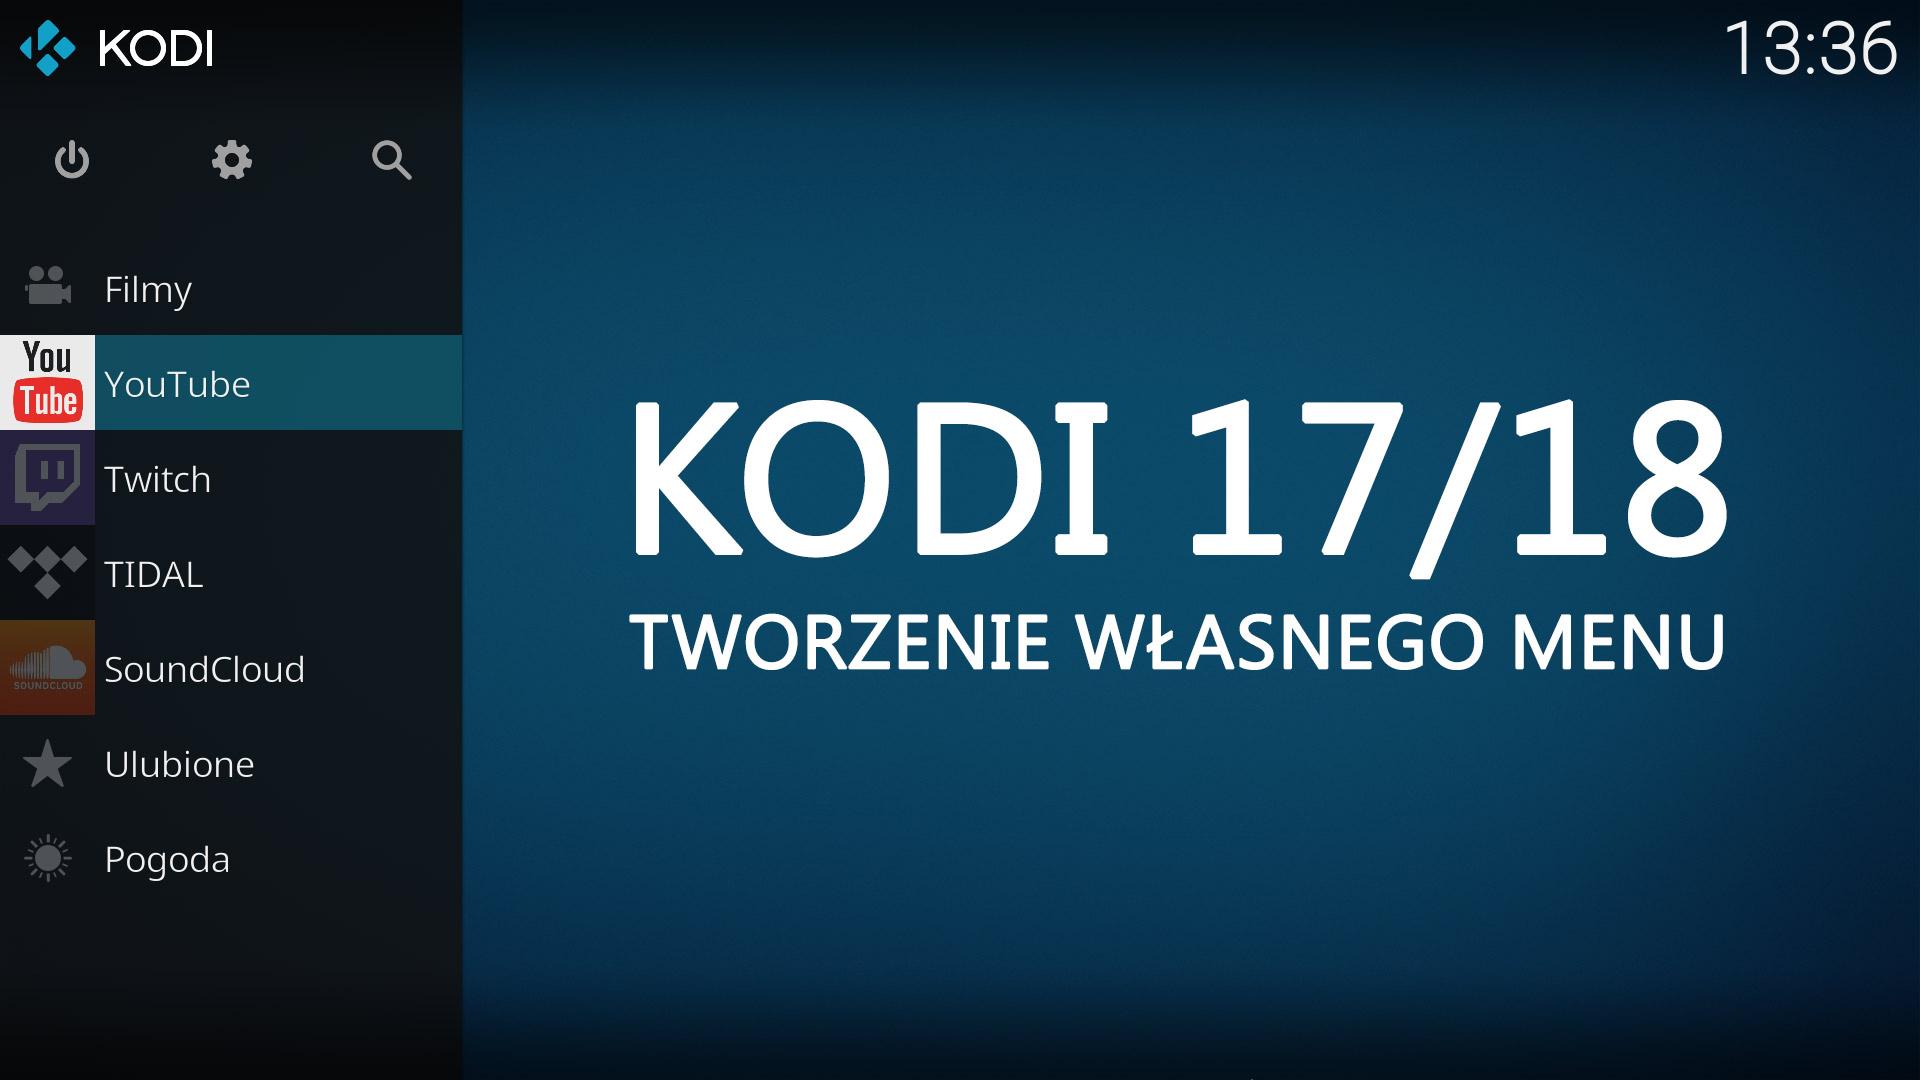 Tworzenie własnego menu w KODI